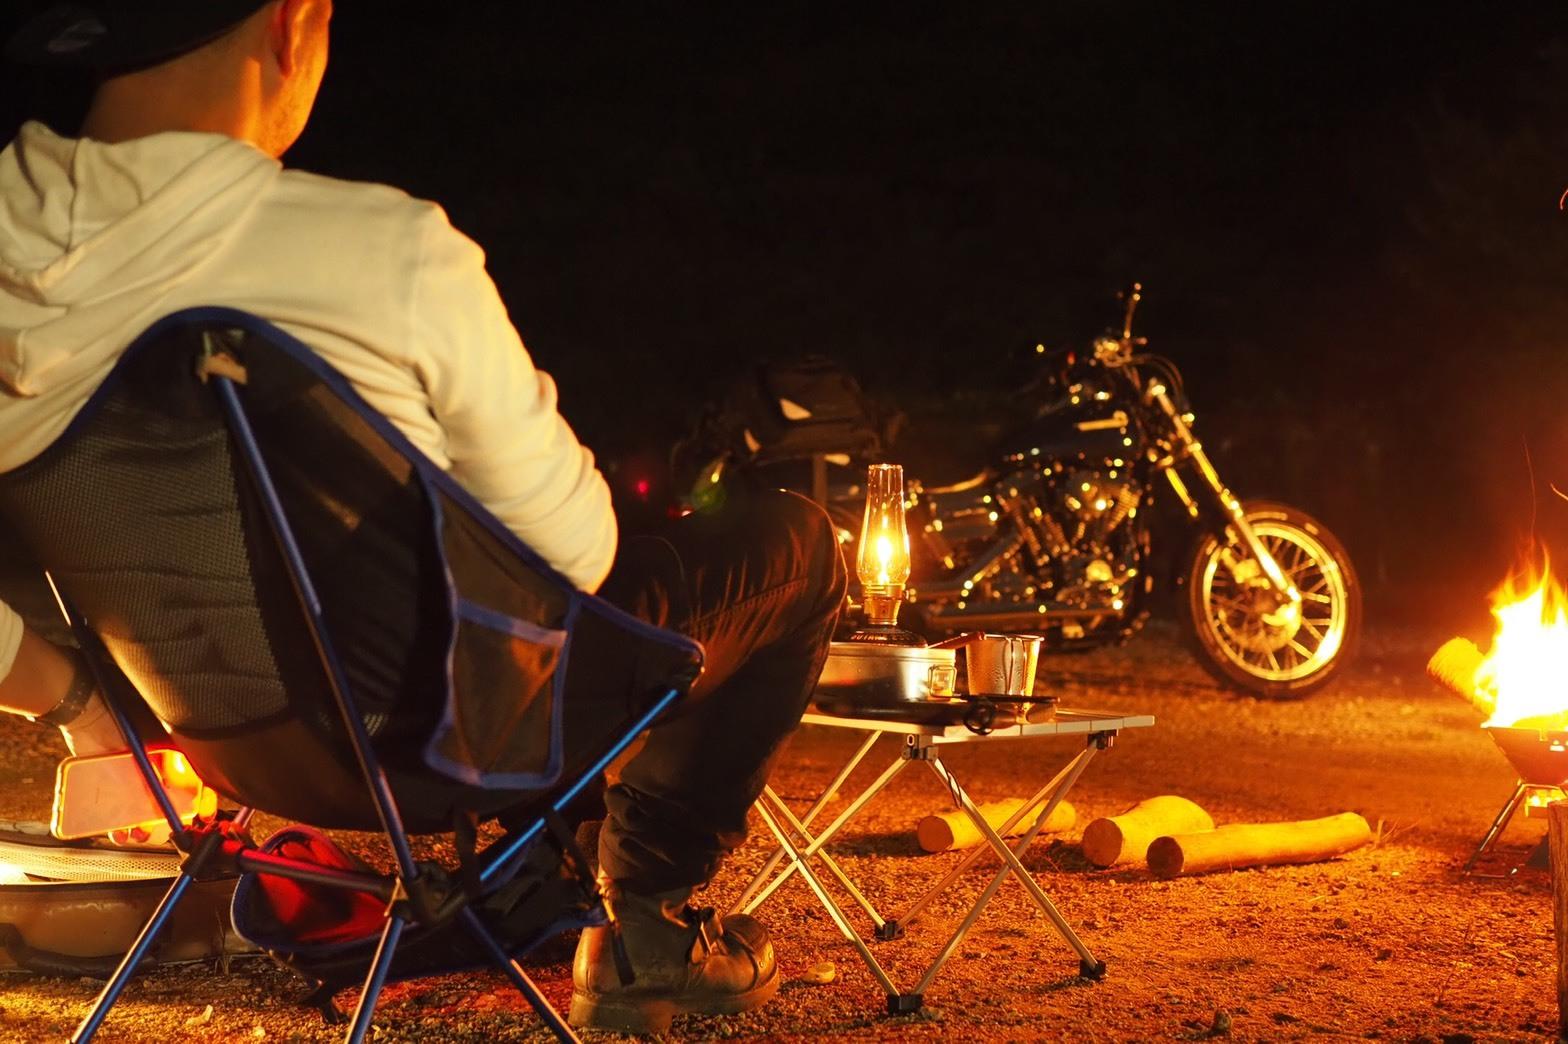 ぴーきちハーレーブログ ロマントピア月ケ瀬 キャンプ場 アーリータイムズ バーボン 焚火 ルミエールランタン 愛車